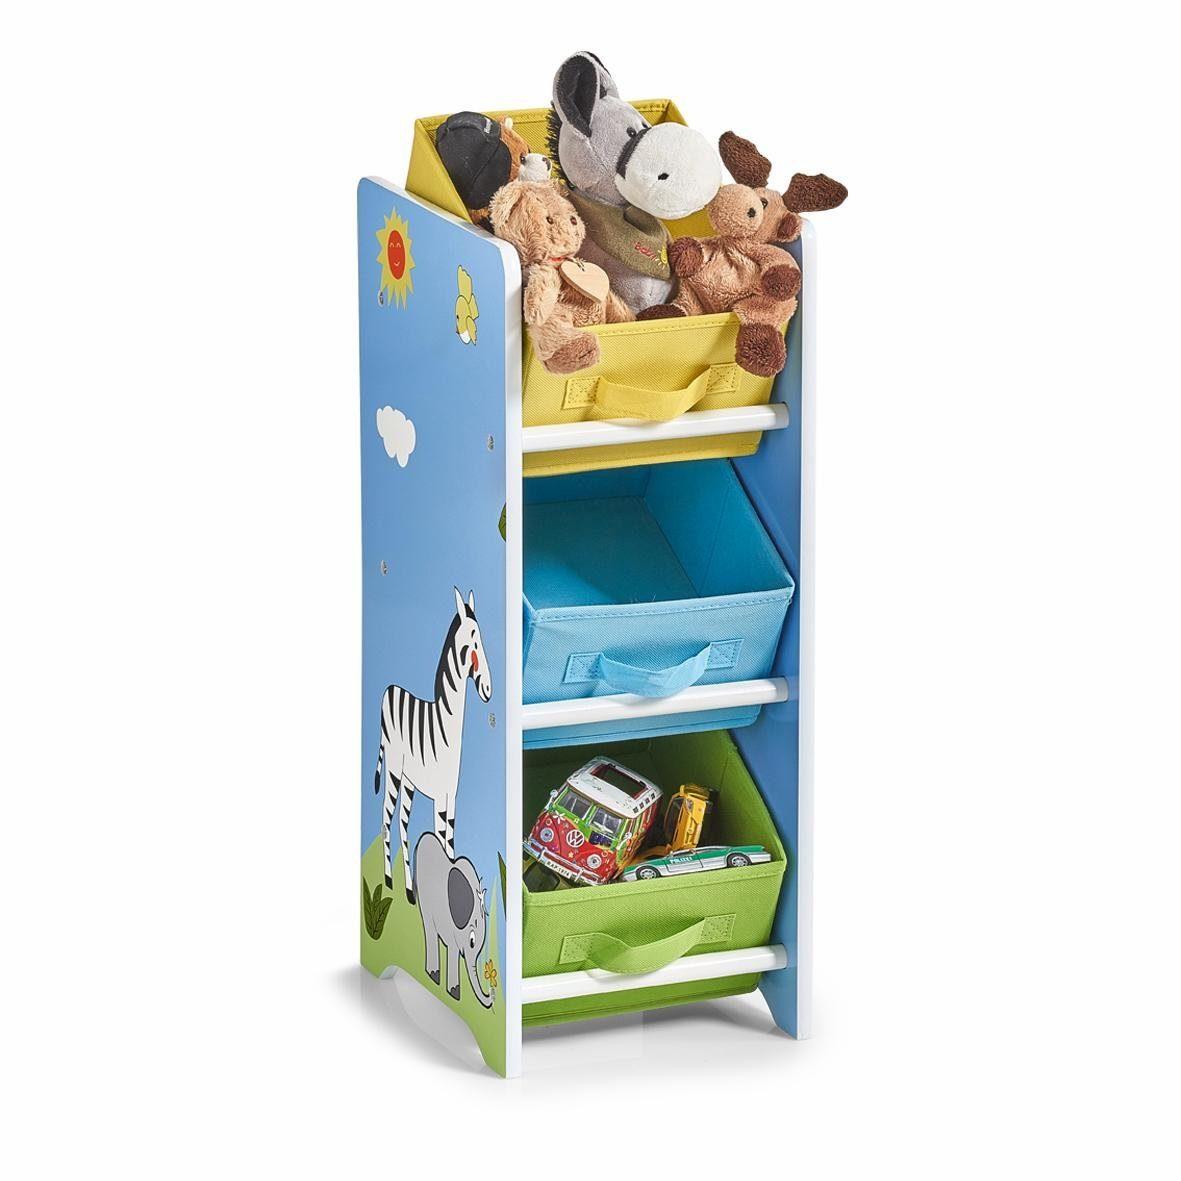 Home affaire Kinder-Regal m. Vliesboxen »Safari«